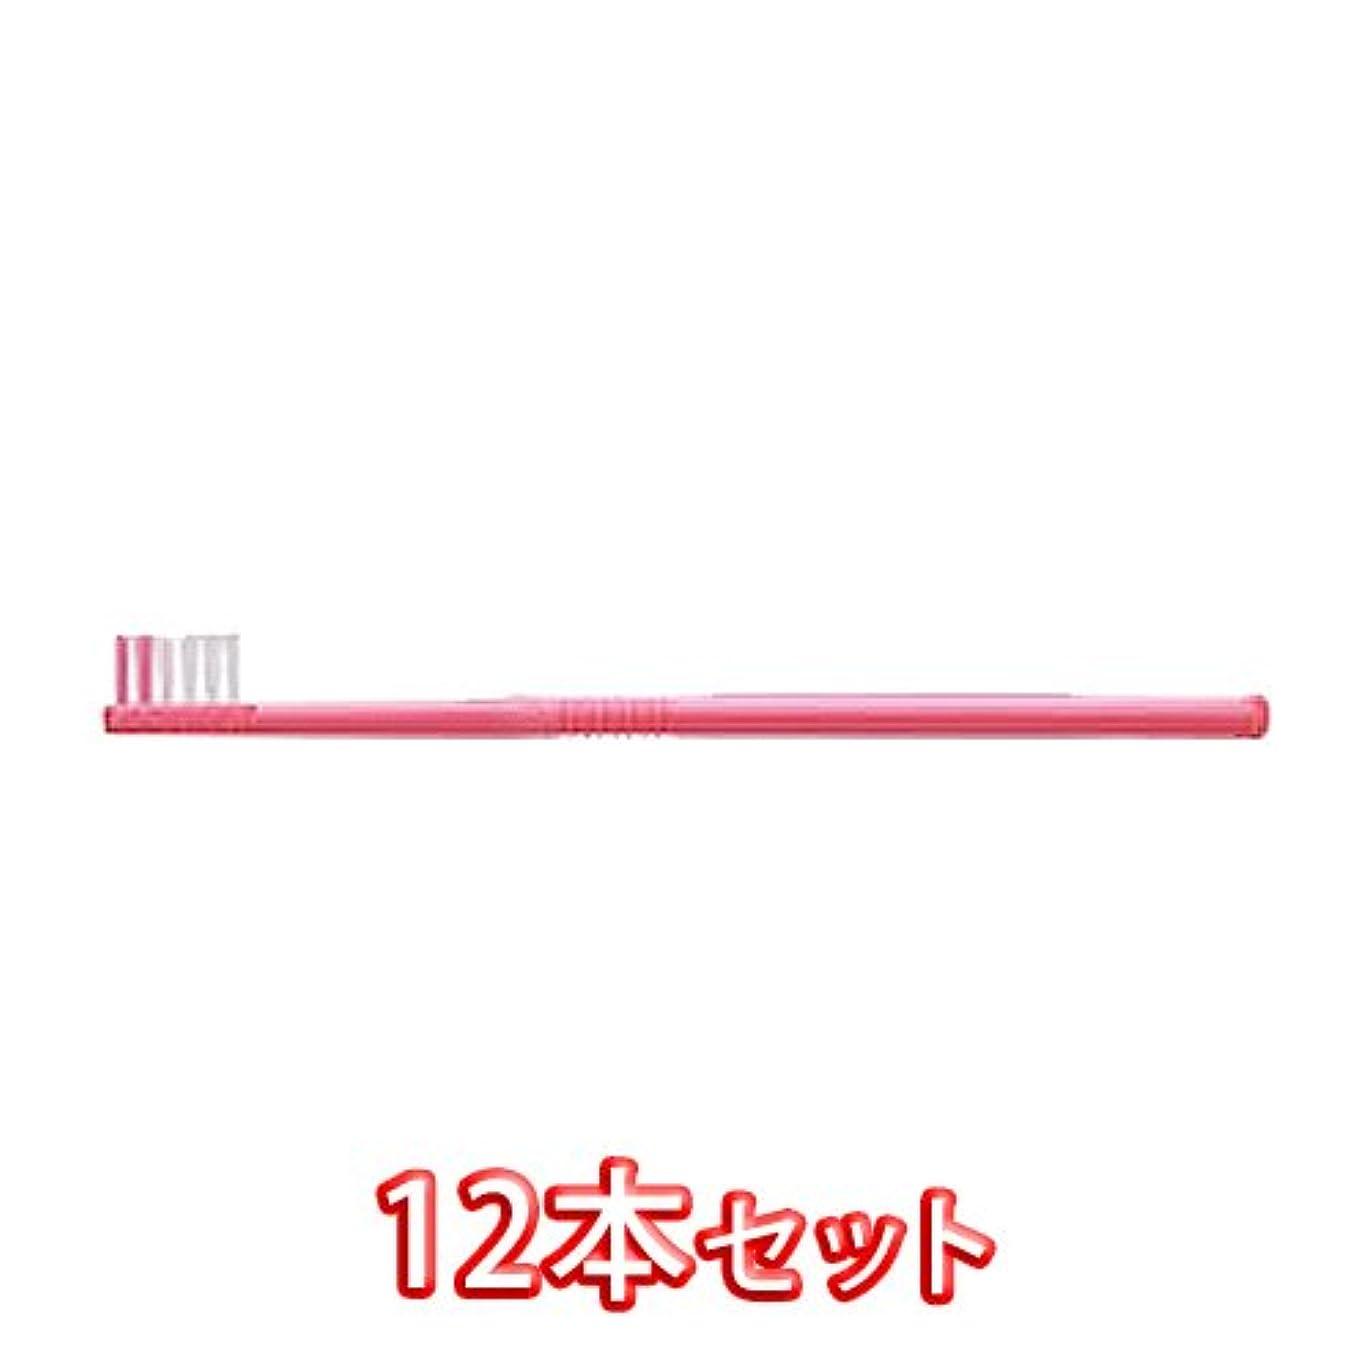 ライオン オルソドンティック 歯ブラシ DENT.EX Orthodontic-T 12本入